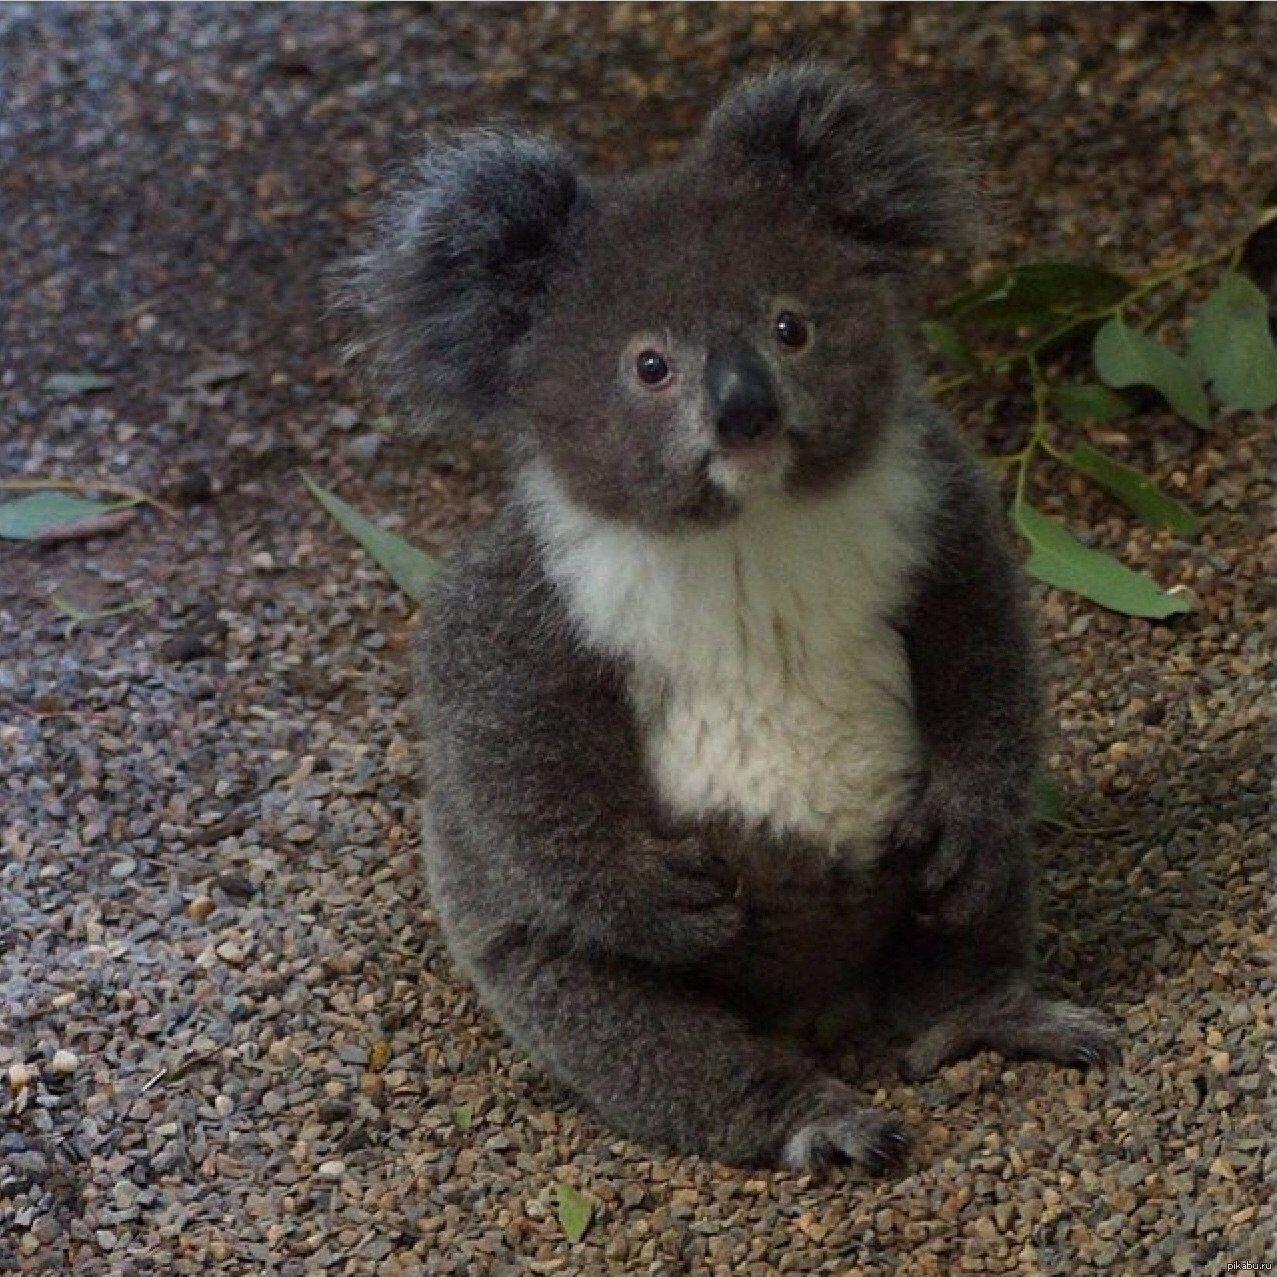 Cool Koala Bear Chubby Adorable Dog - 03fa91a8d1bc7f815a35c3dd46034d7d  You Should Have_861486  .jpg